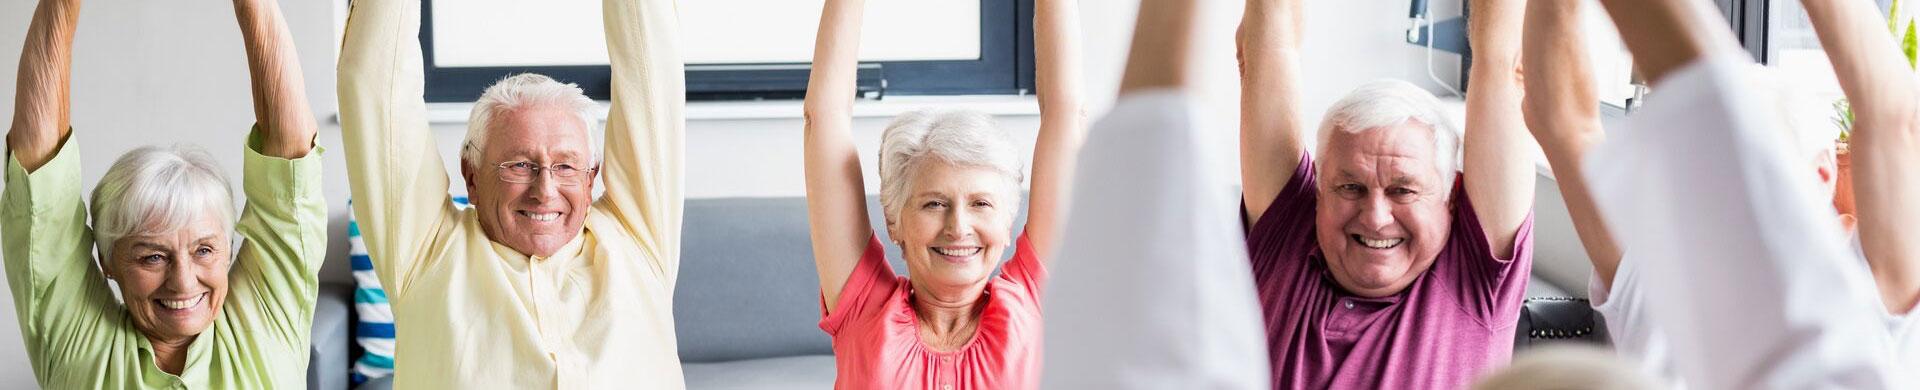 group of seniors exercising senior living wellness program